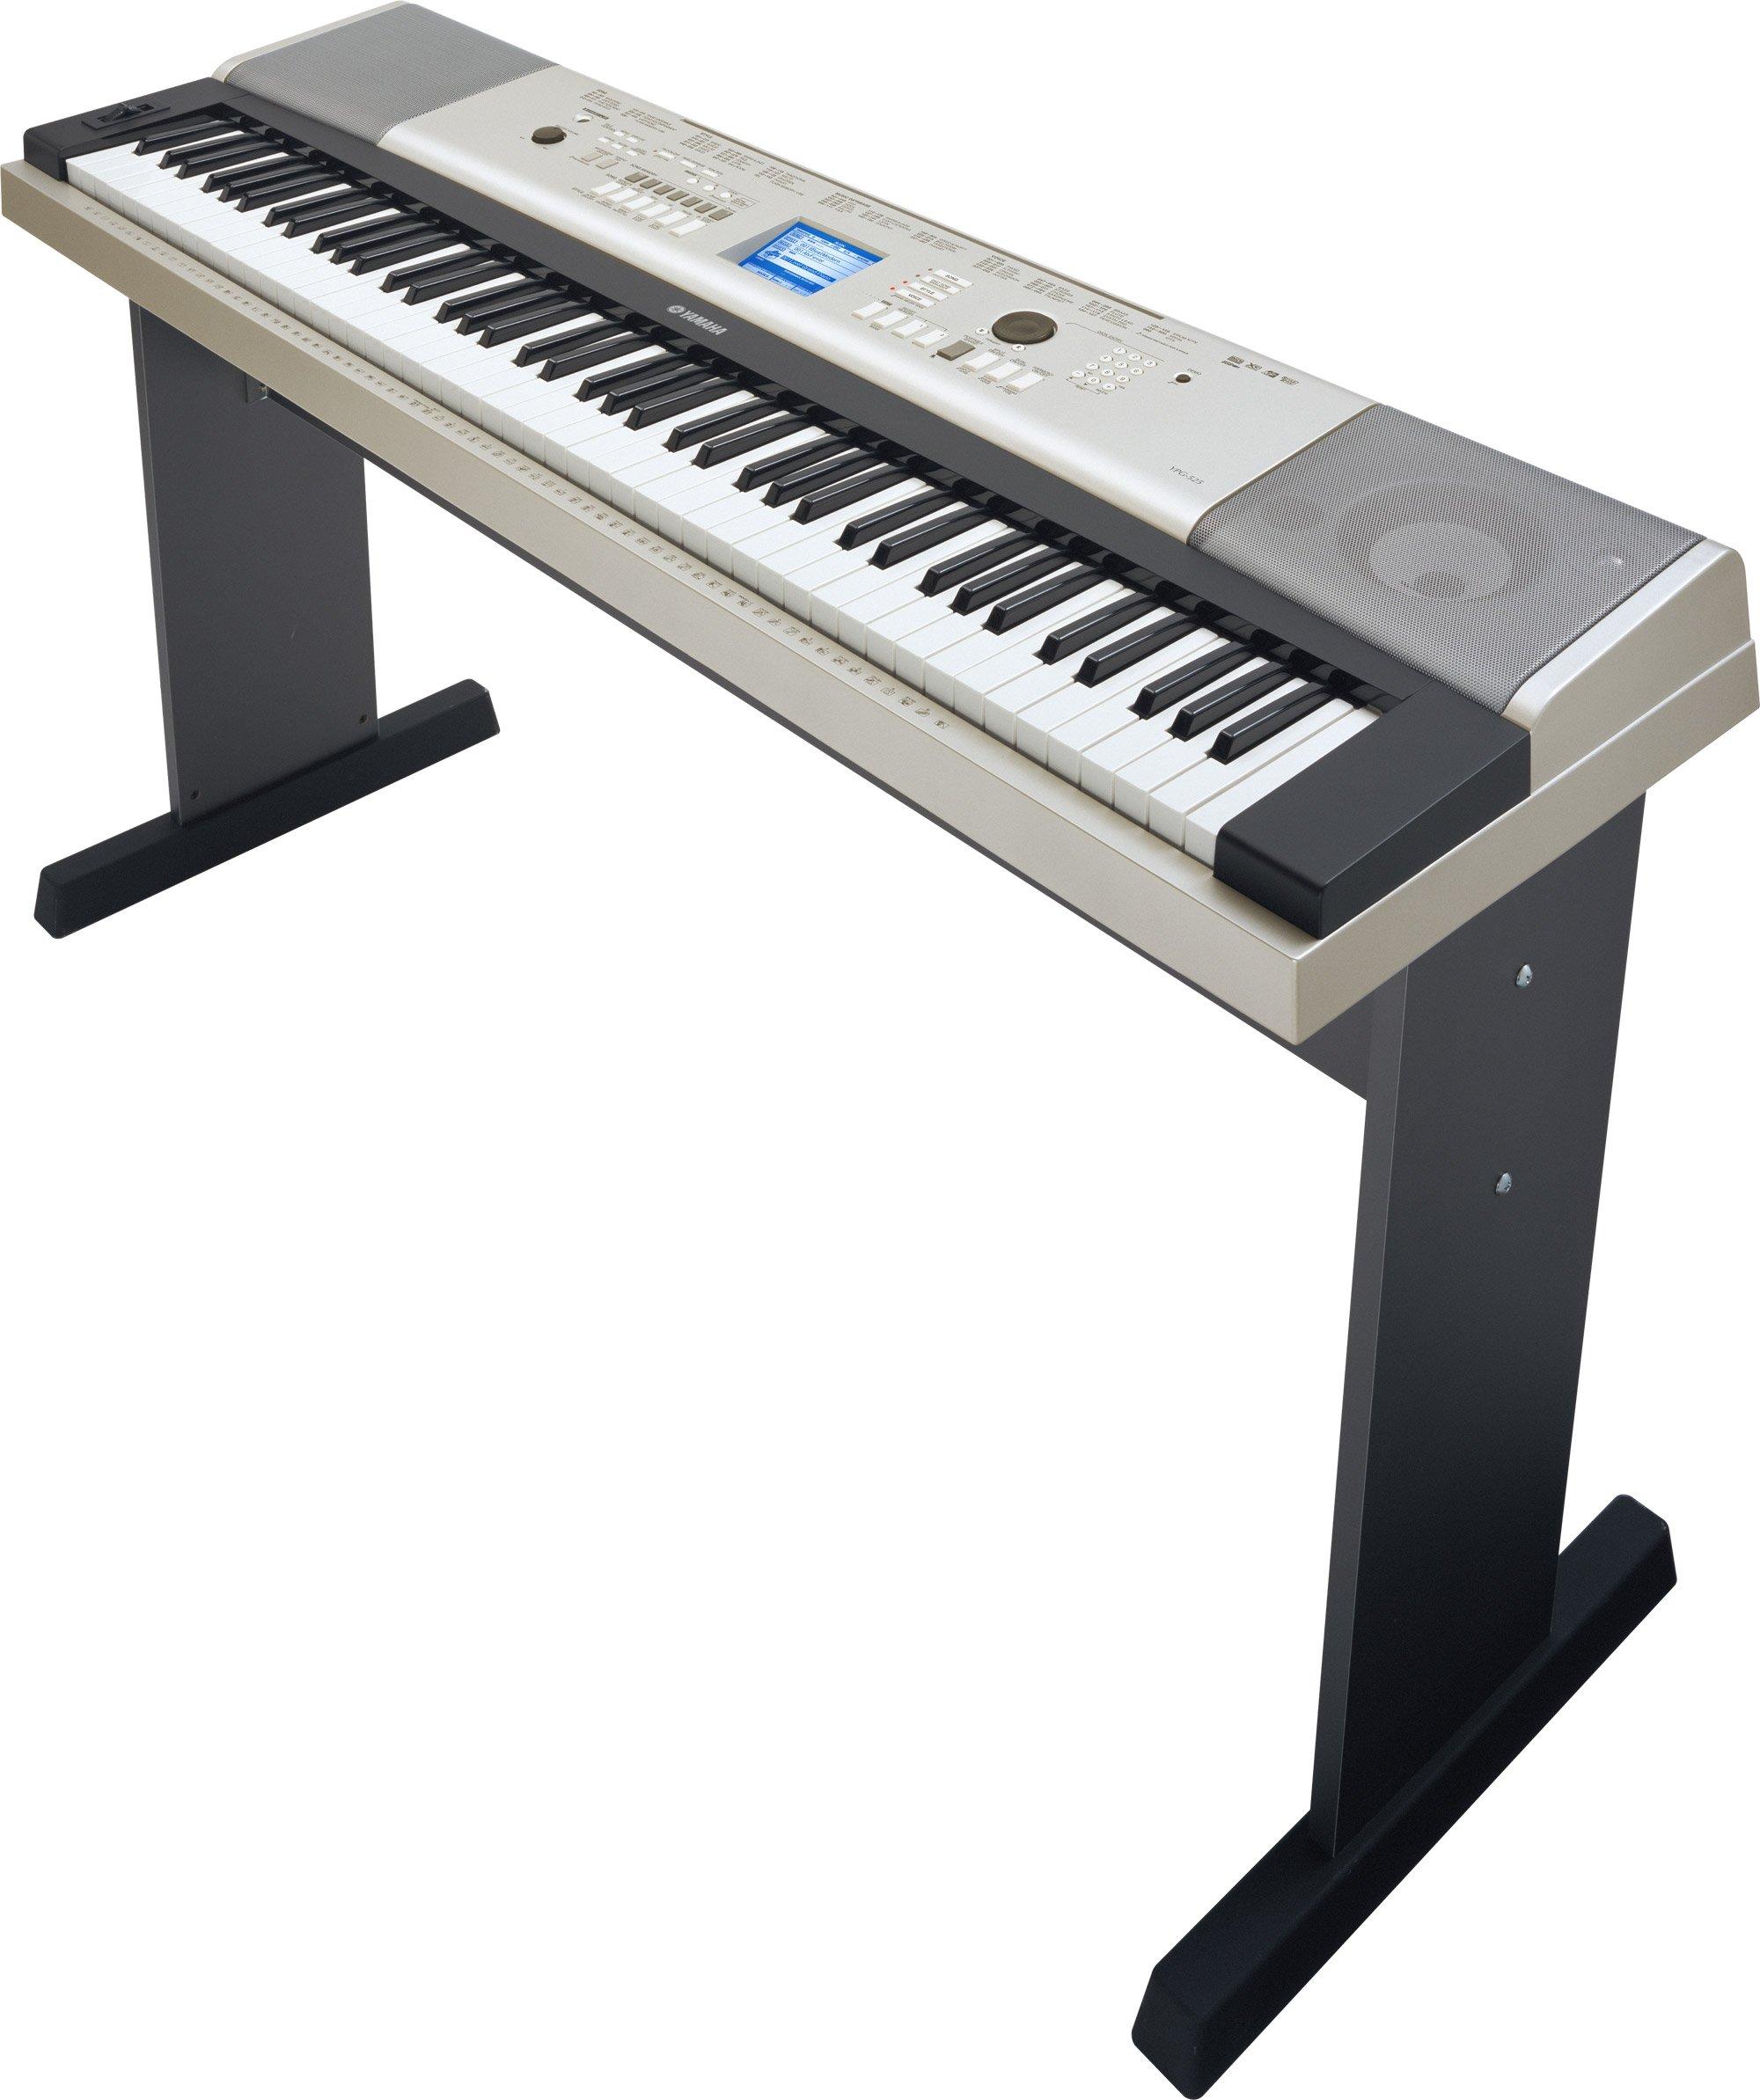 Usa Yamaha Com Products